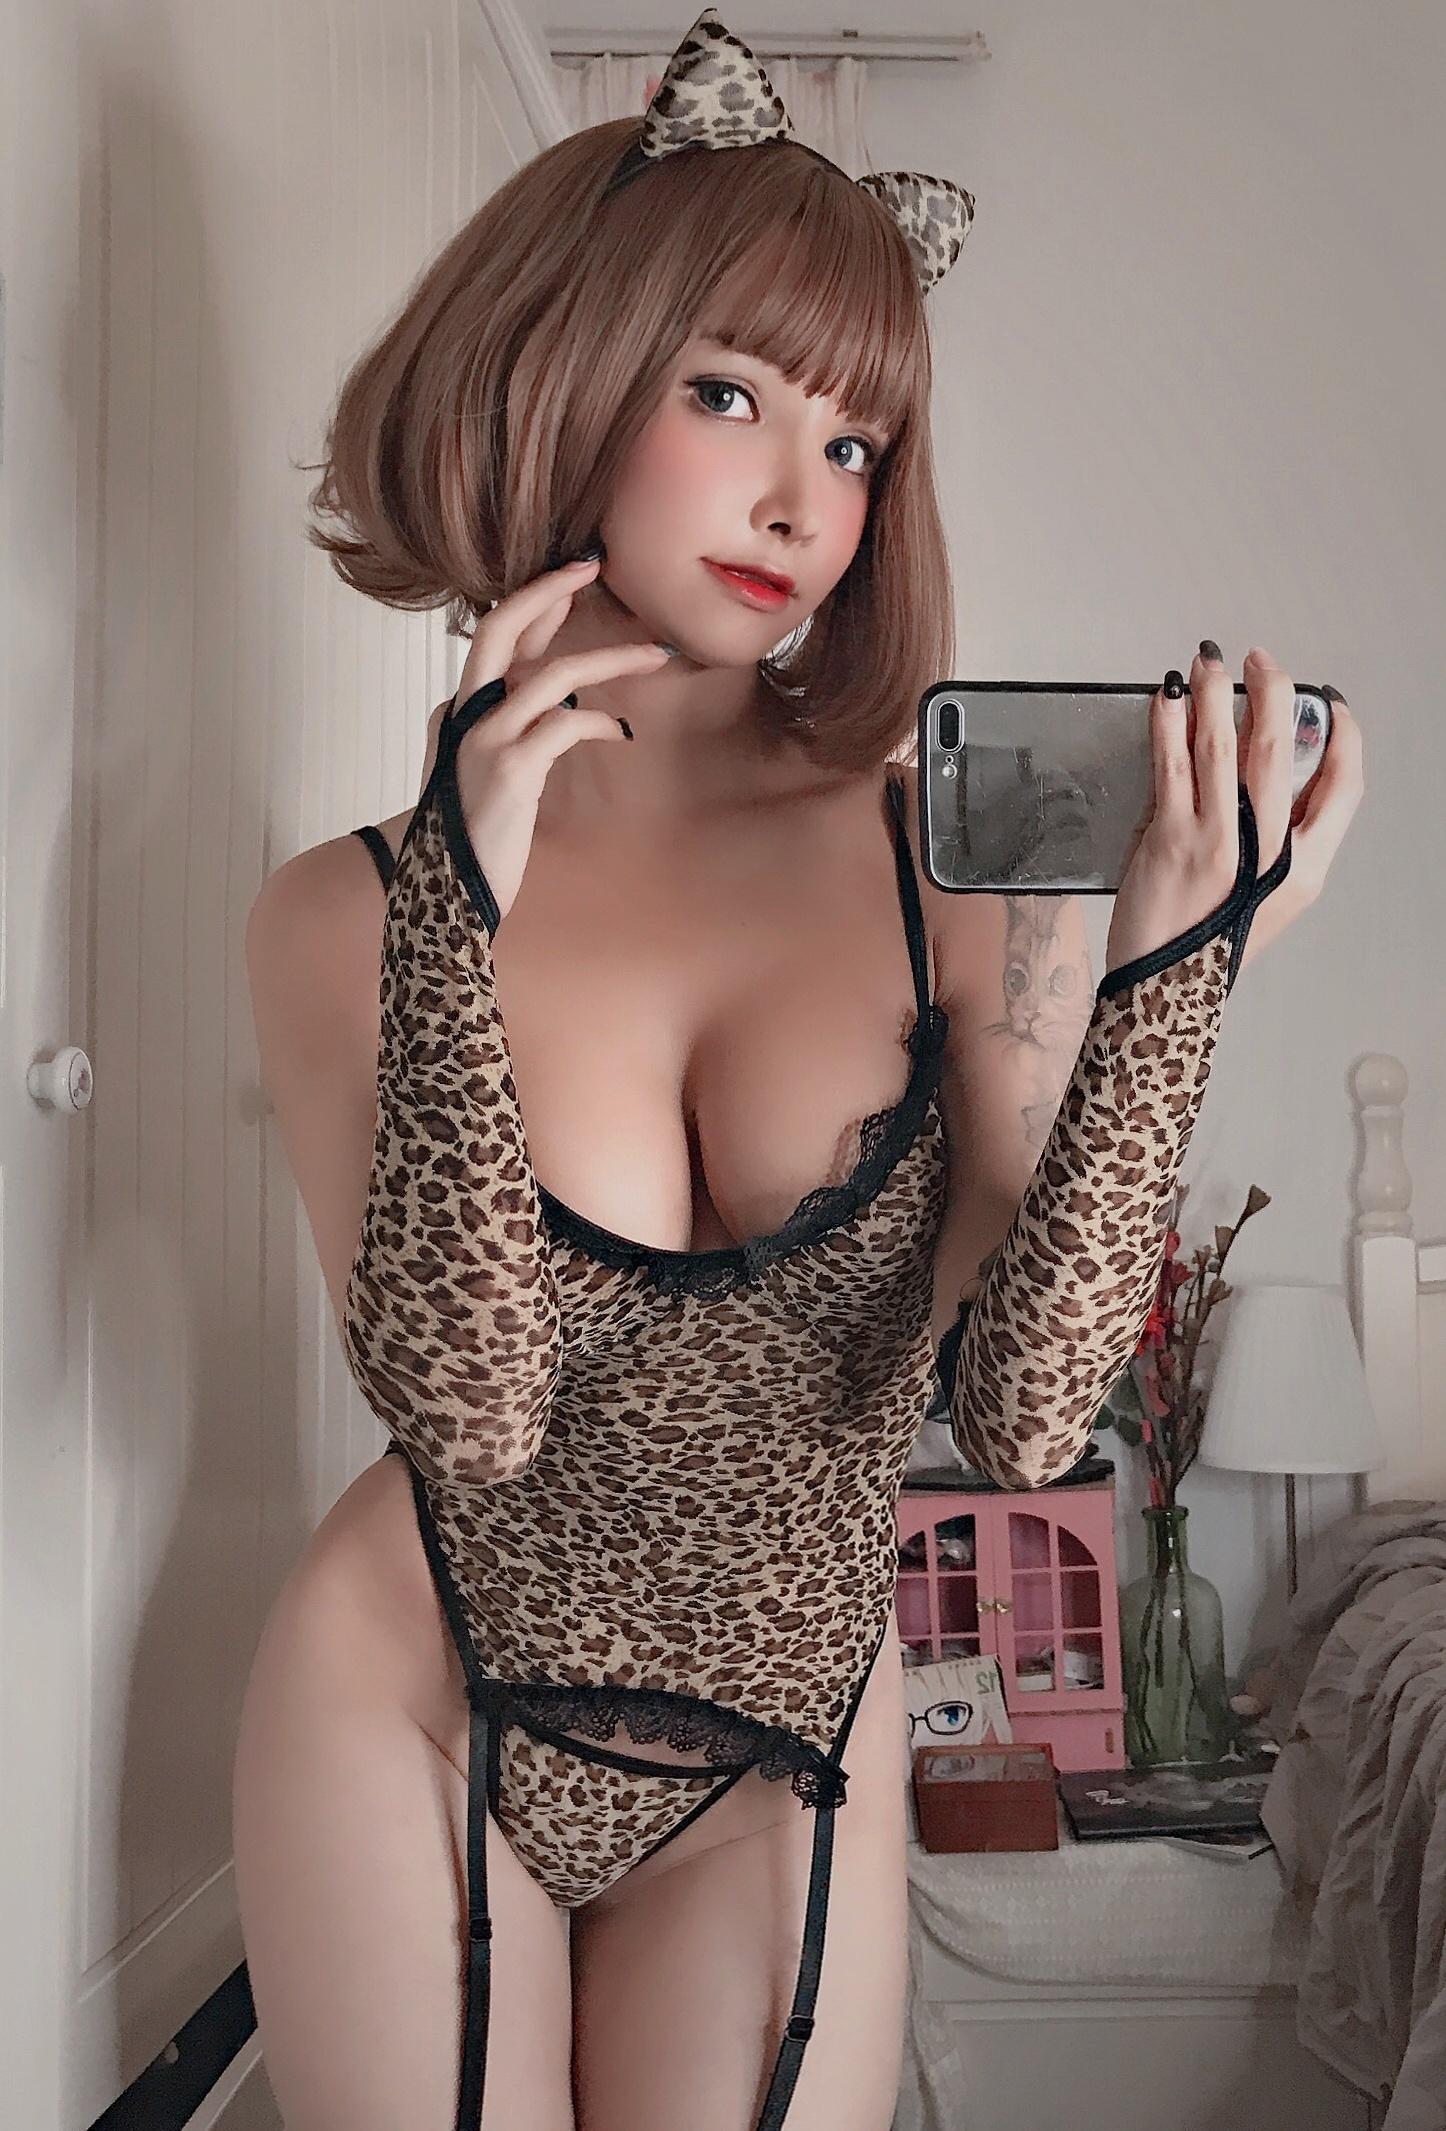 一千只猫薄禾 豹猫COS作品免费在线看-觅爱图